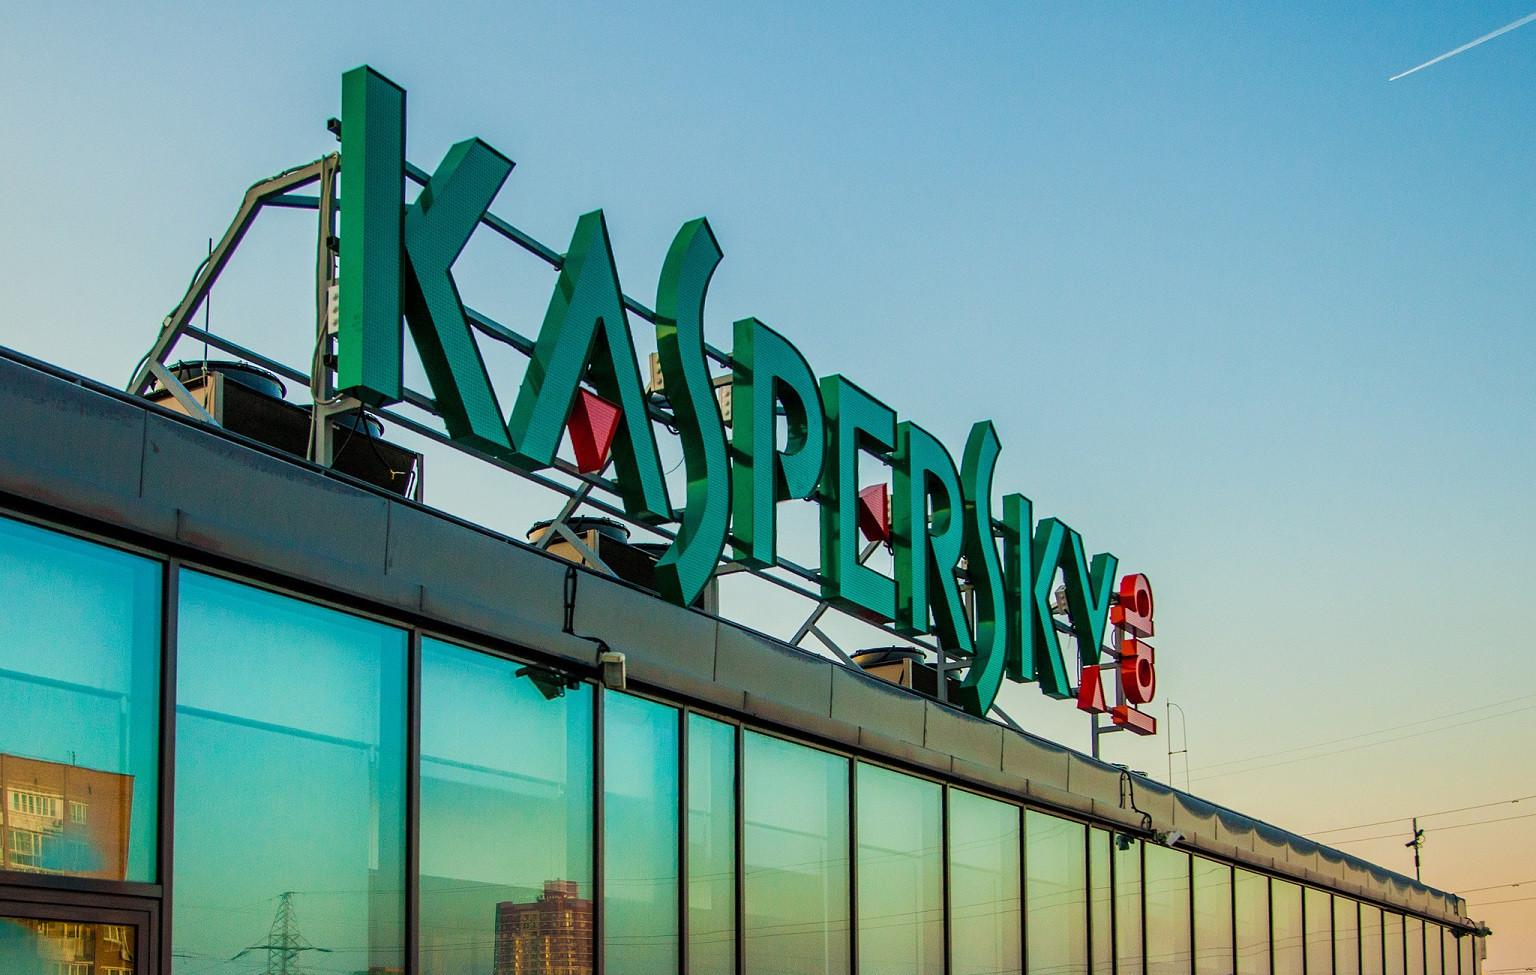 kasperisky